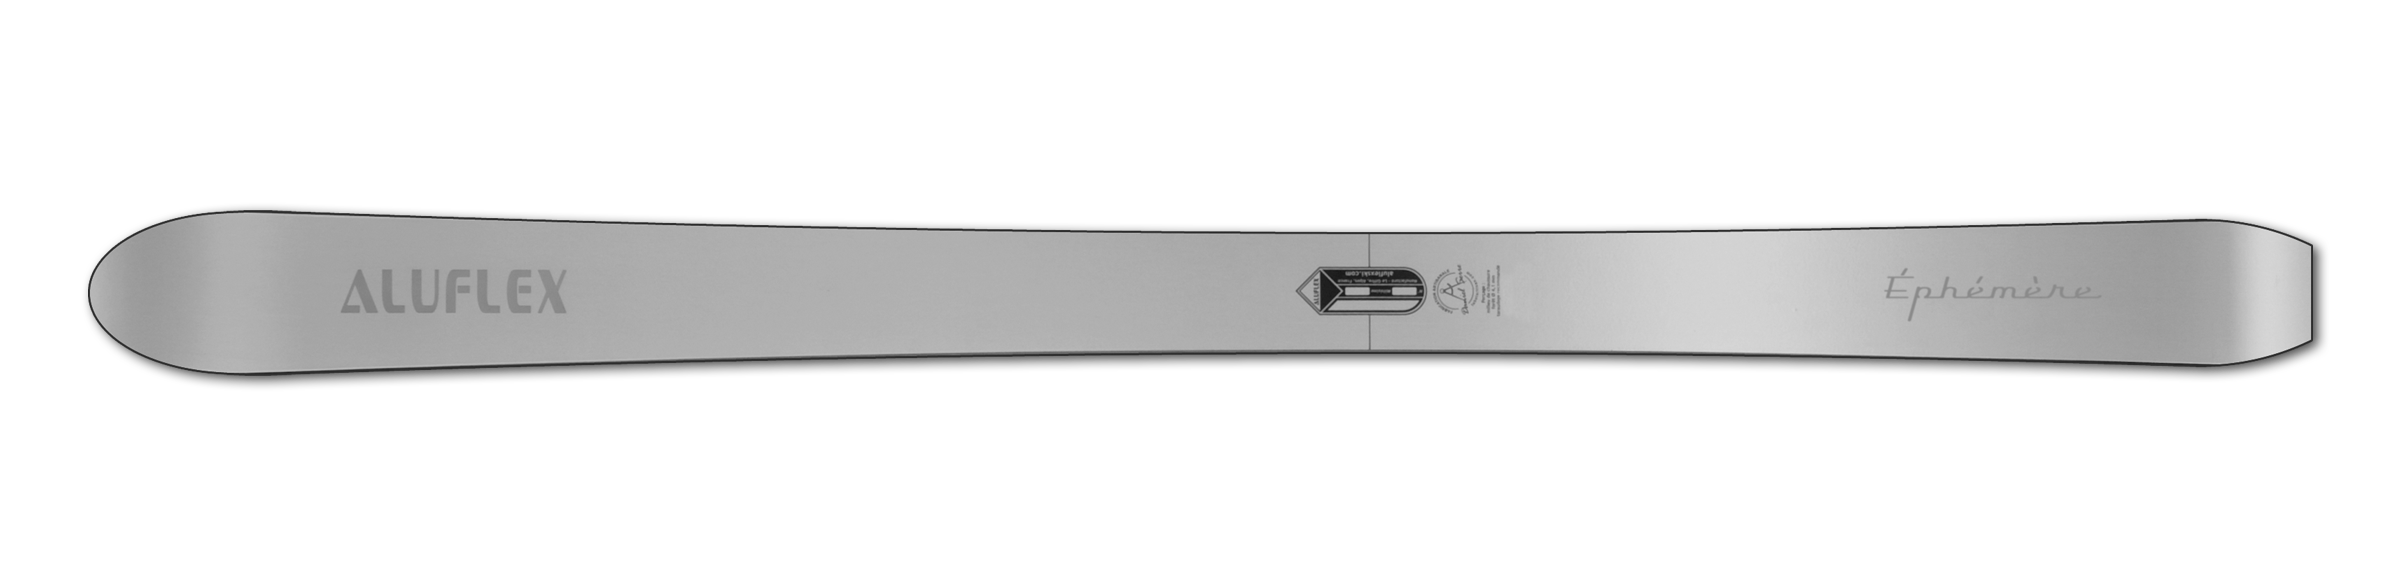 Ski Aluflex Éphémère